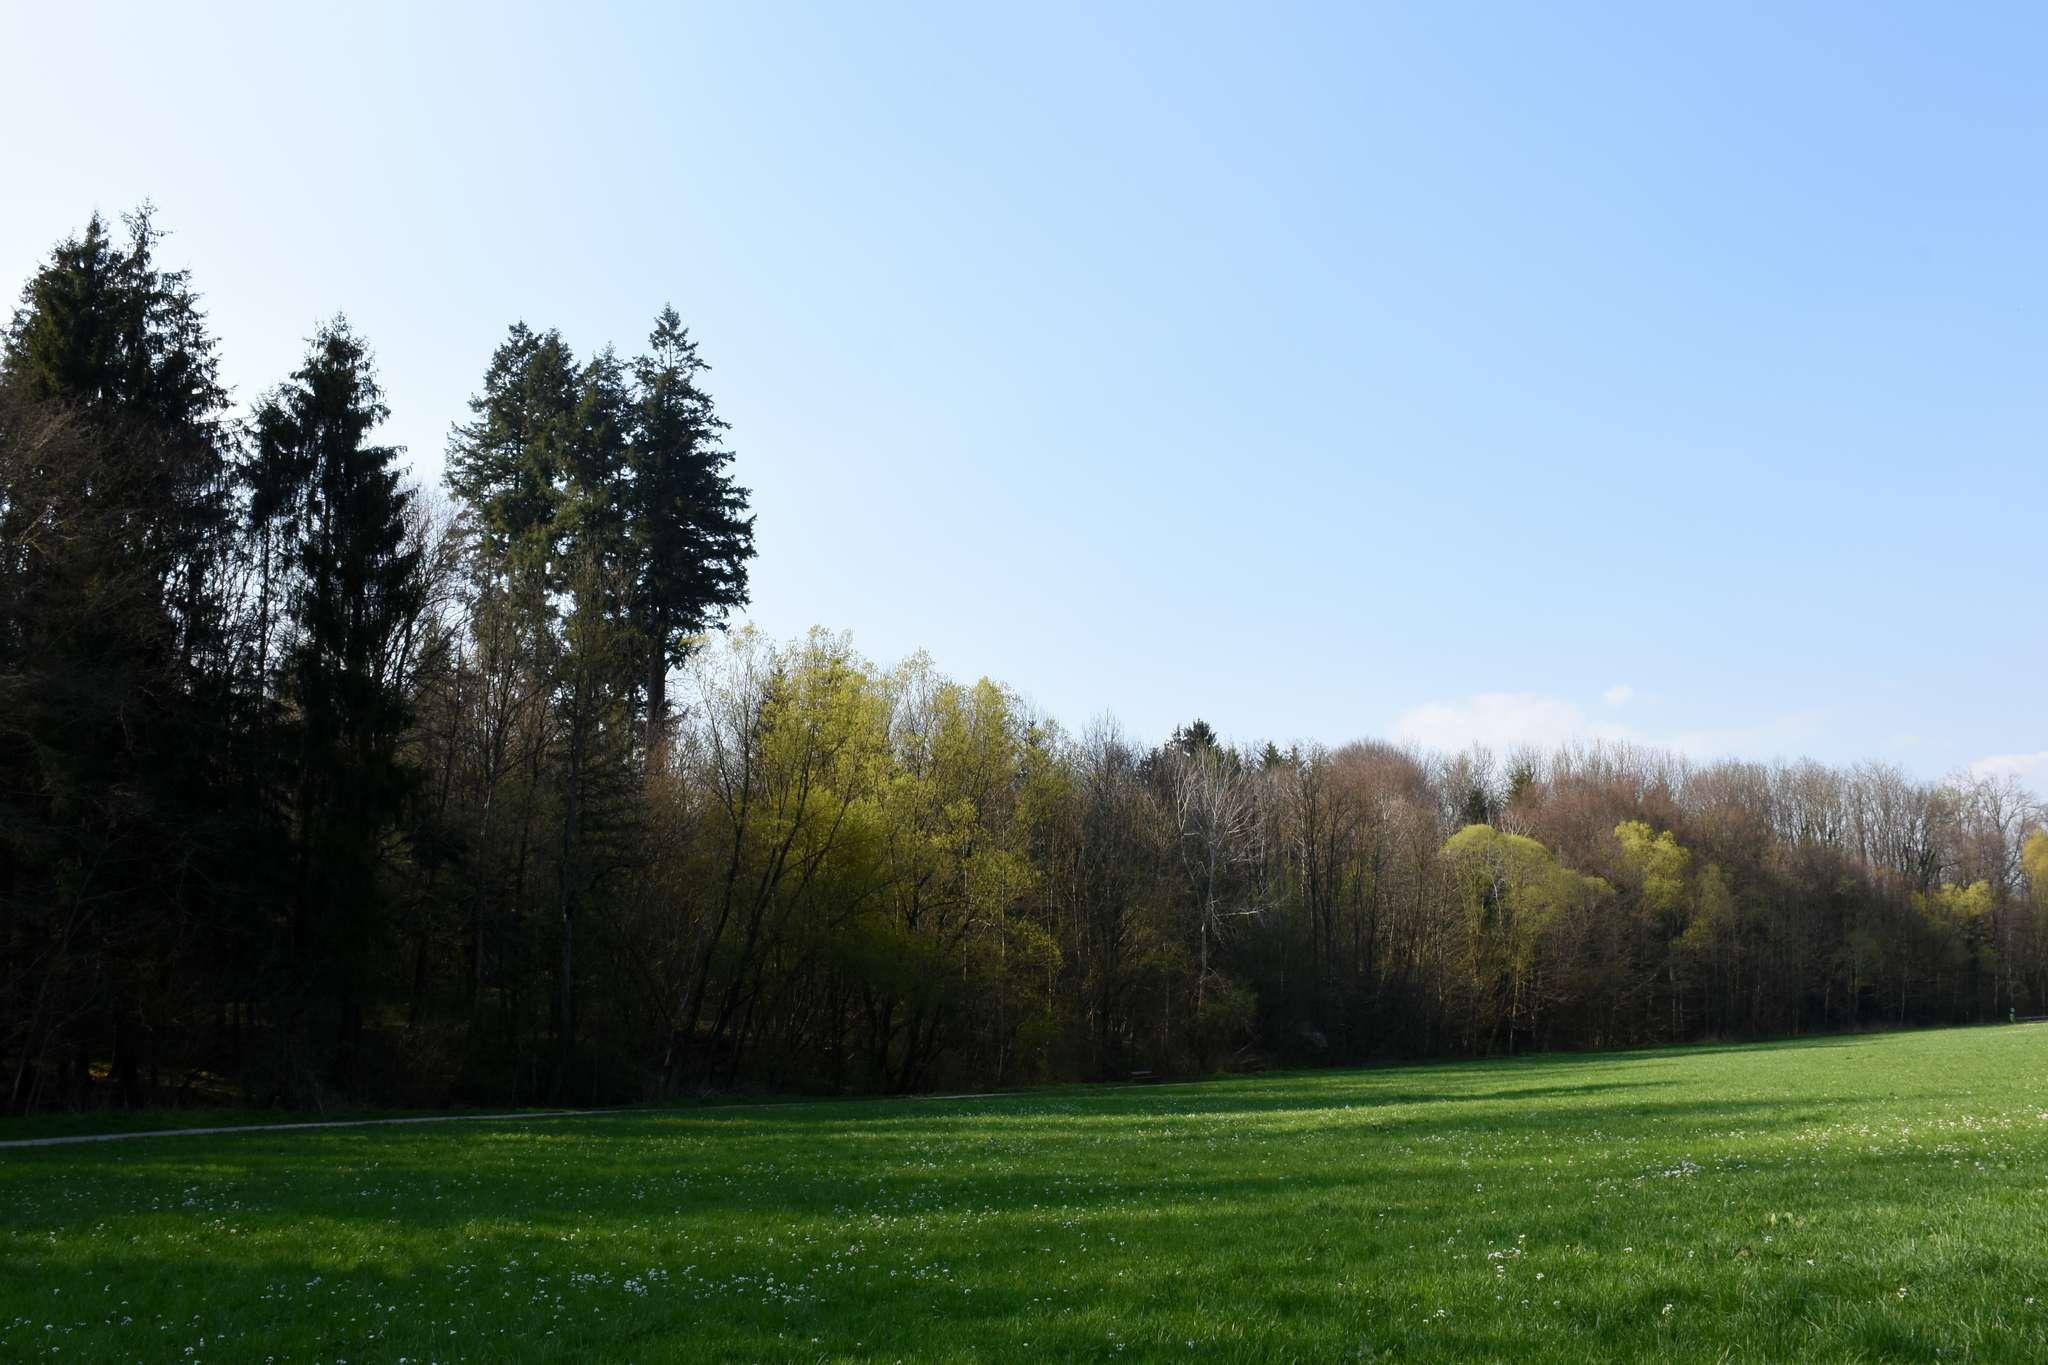 Direkt am beliebten Spazierweg entlang des Katzelbaches wachsen die Douglasien.